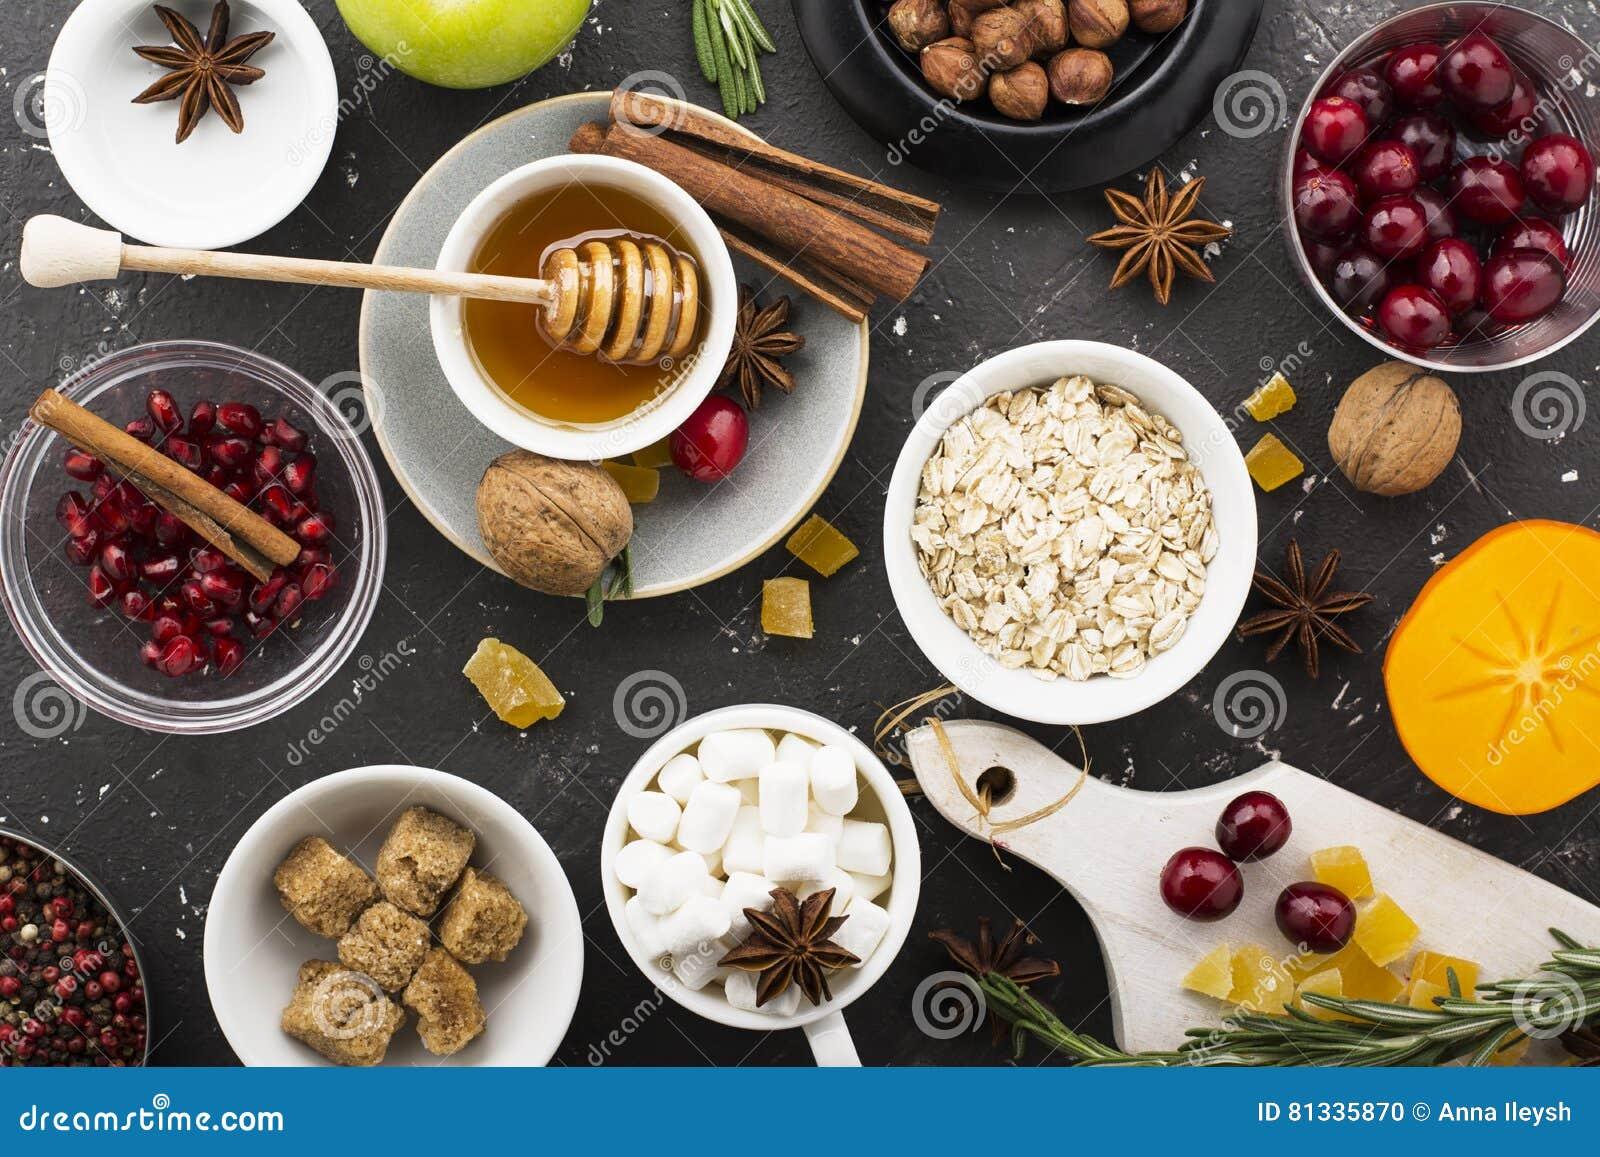 Olika ingredienser för stekheta för vinter säsongsbetonade och andra recept, granatäpple, honung, orezhi, äpplen, persimoner, ört